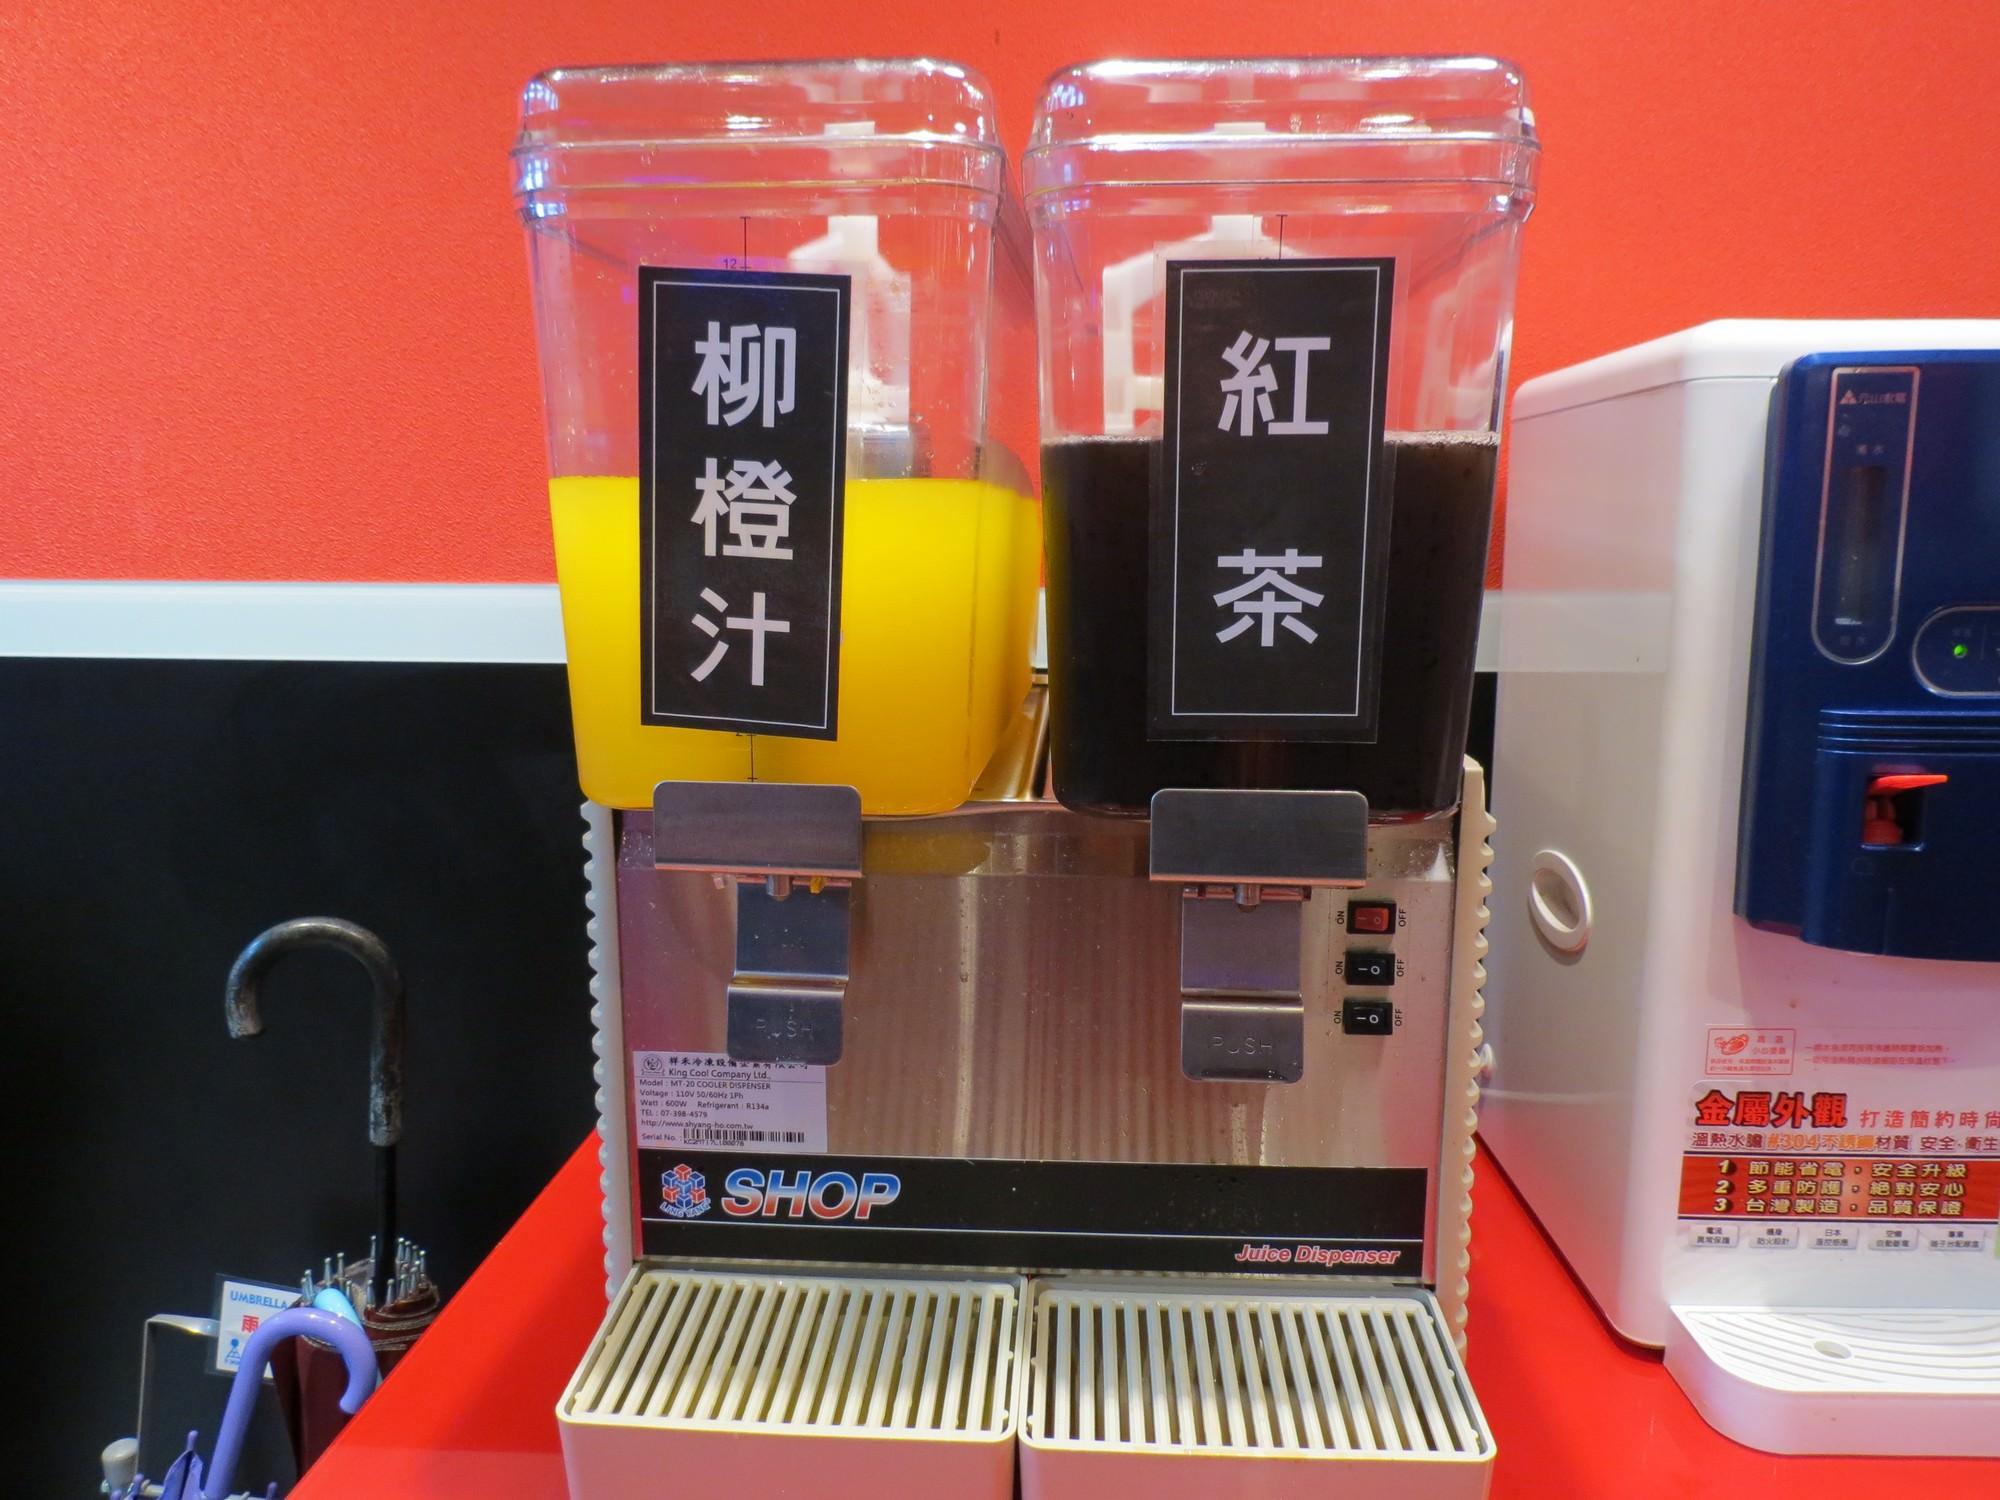 孫東寶台式牛排@南港店, 飲料